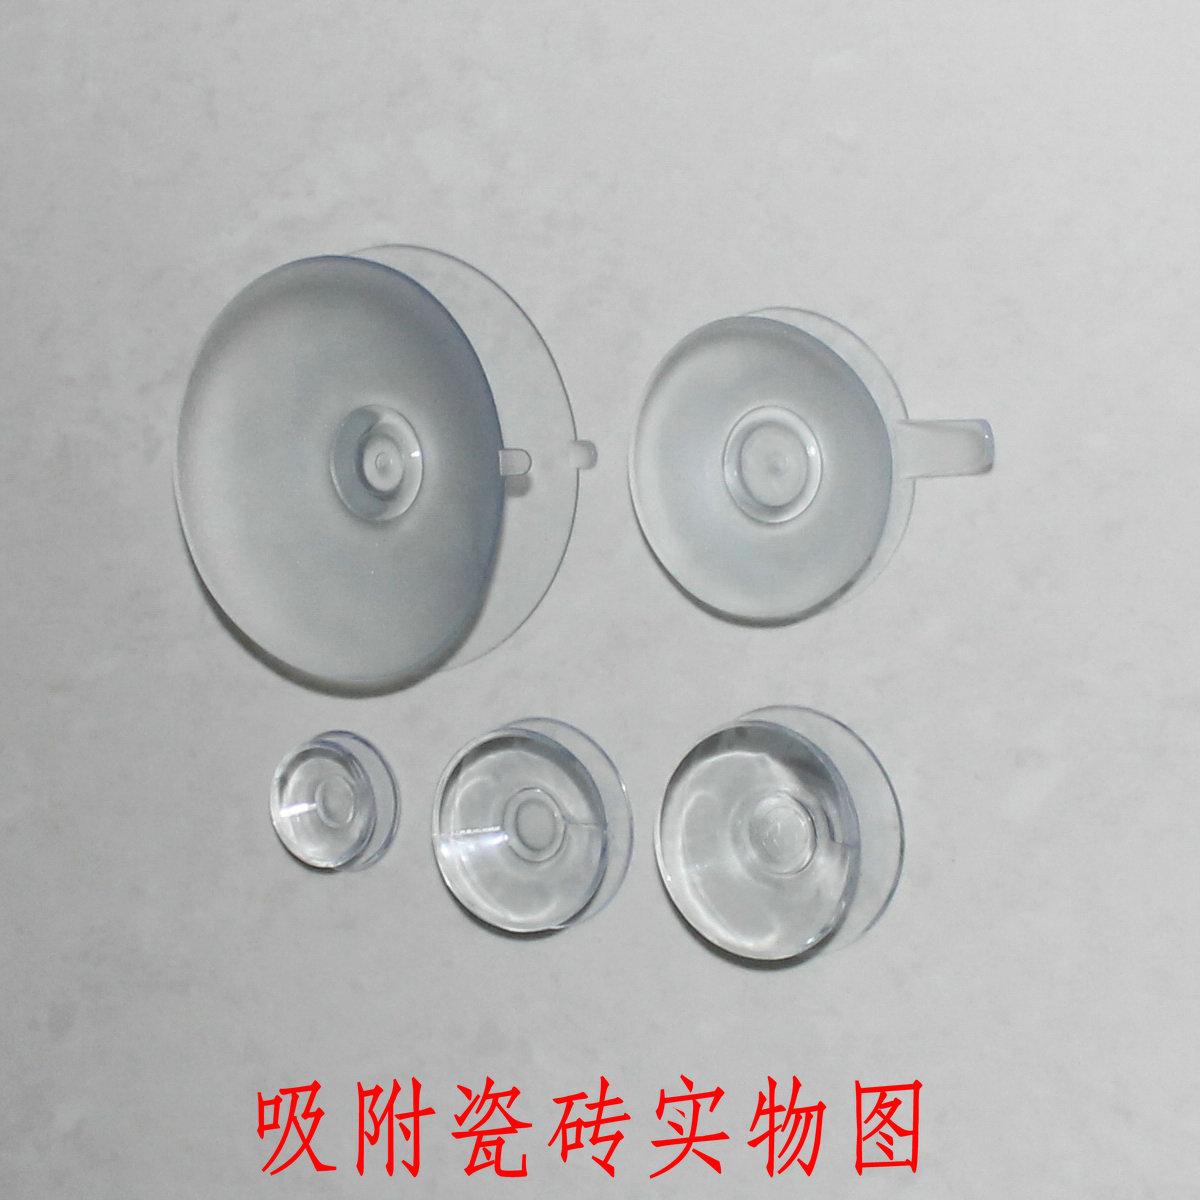 第三代加厚强力双面透明吸盘玻璃固定吸盘无痕贴物器玻璃茶几垫子